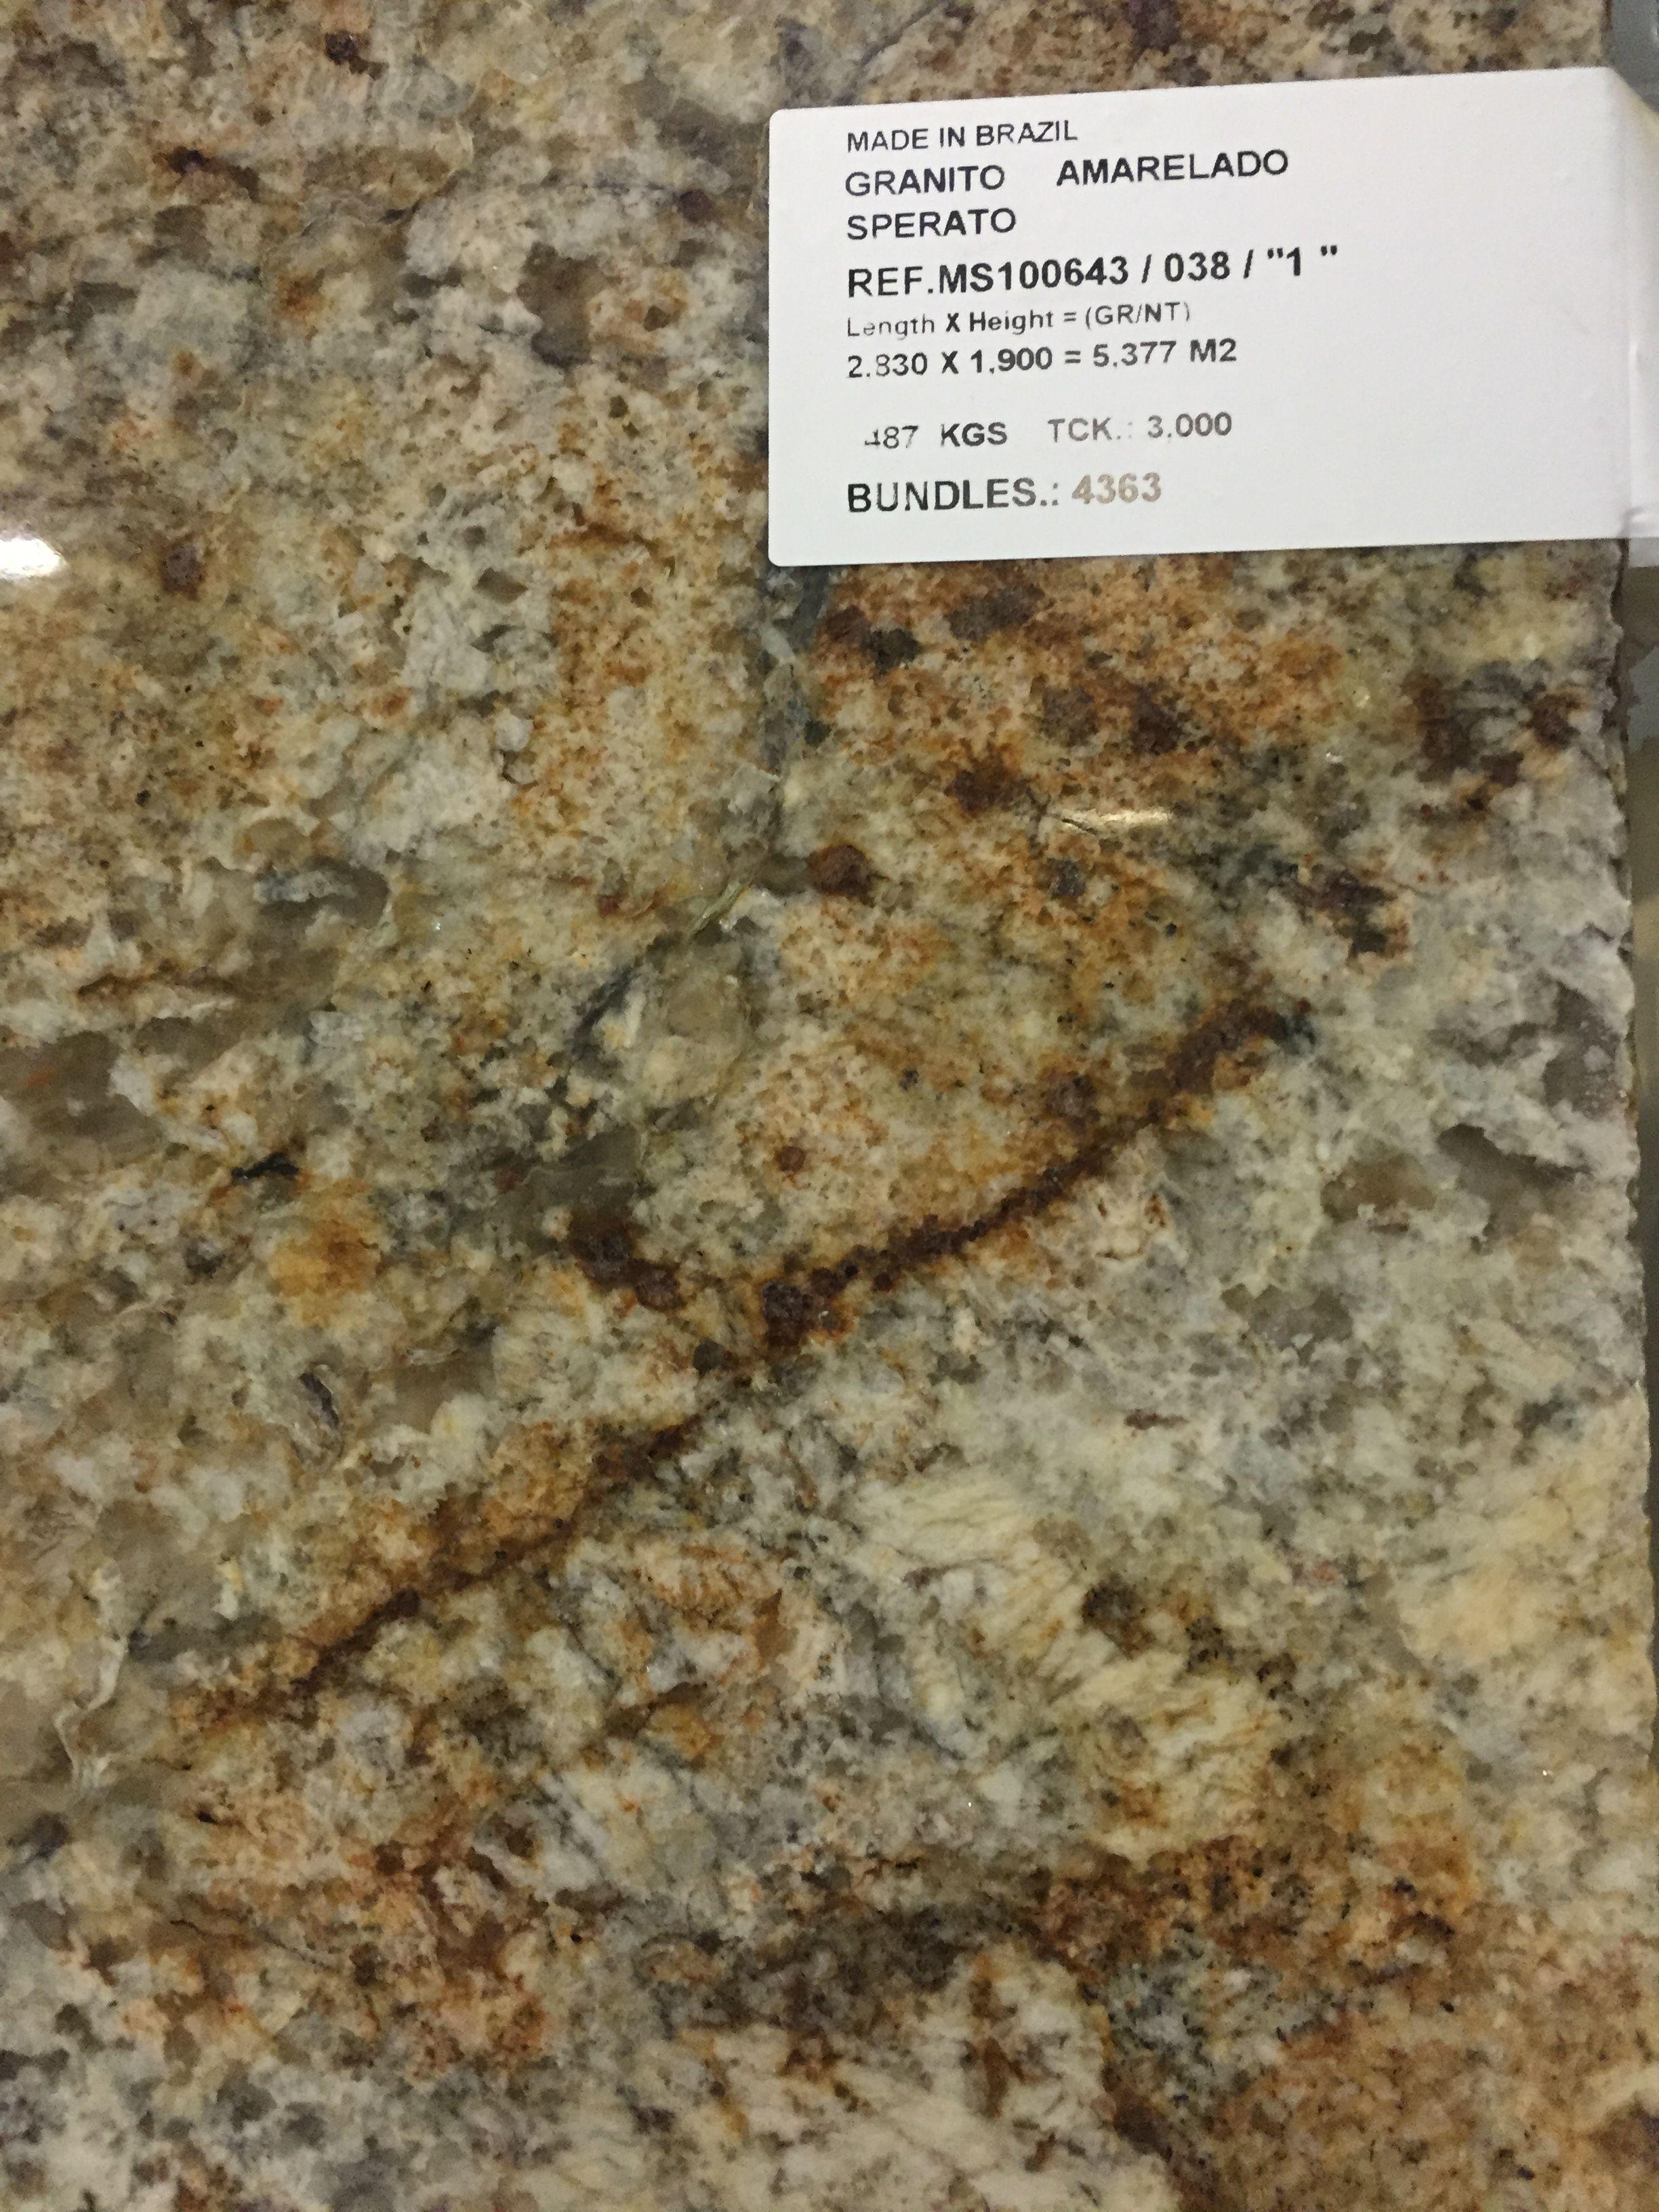 3cm Speratus Granito Amarelado Sperato Bin B 7 For Use In Kitchen And 3 4 Bath